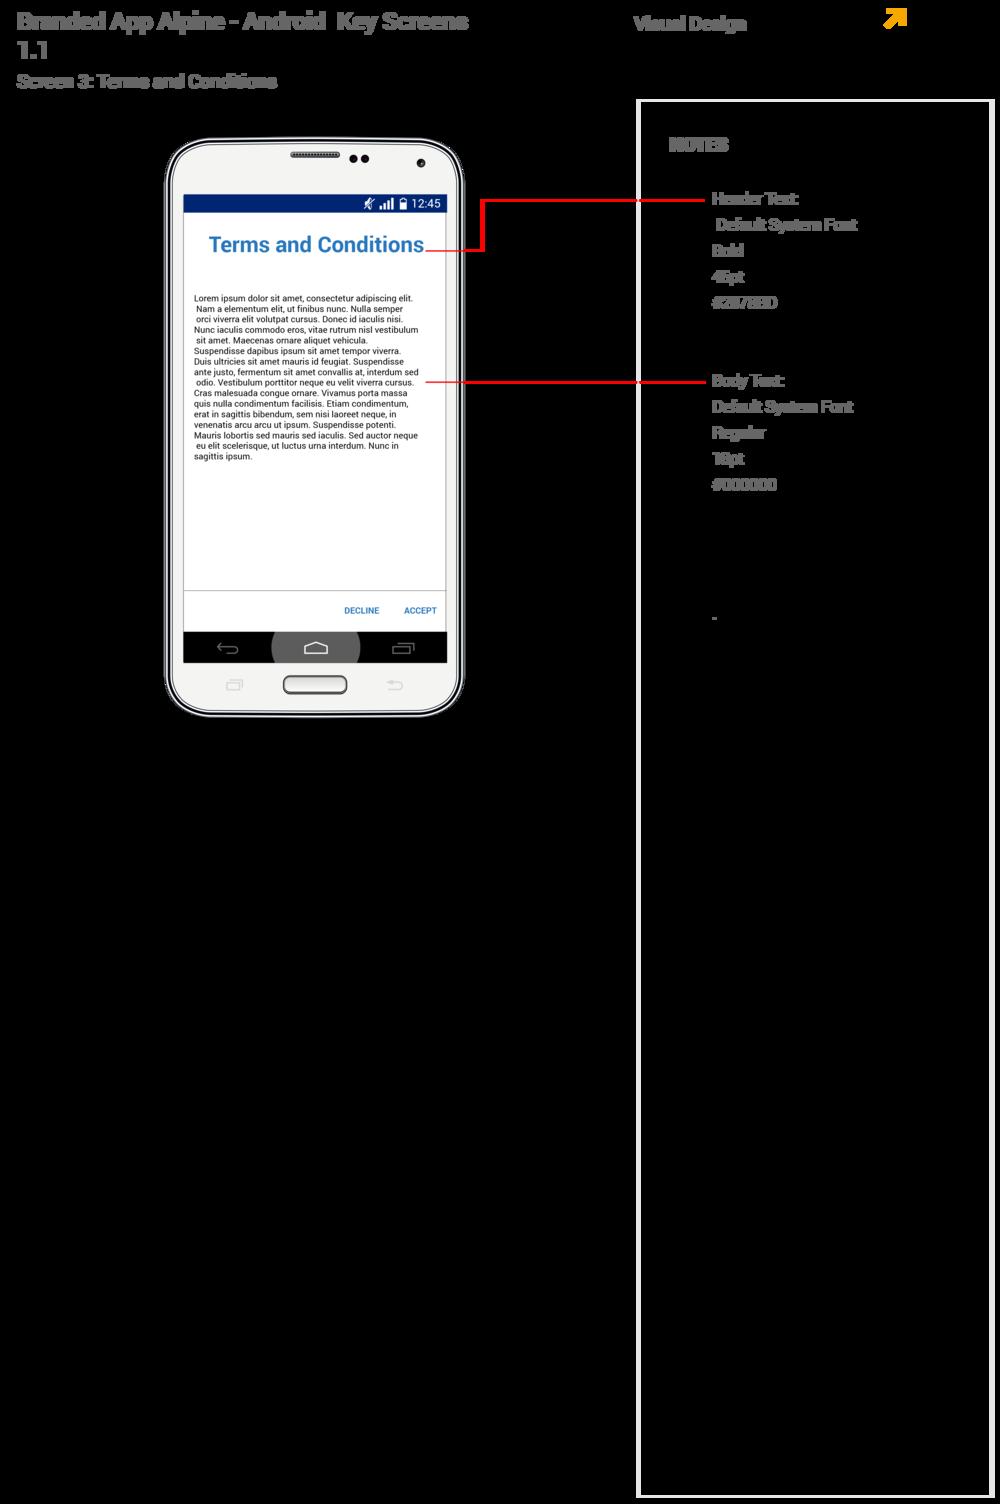 Alpine App_redacted-3.png